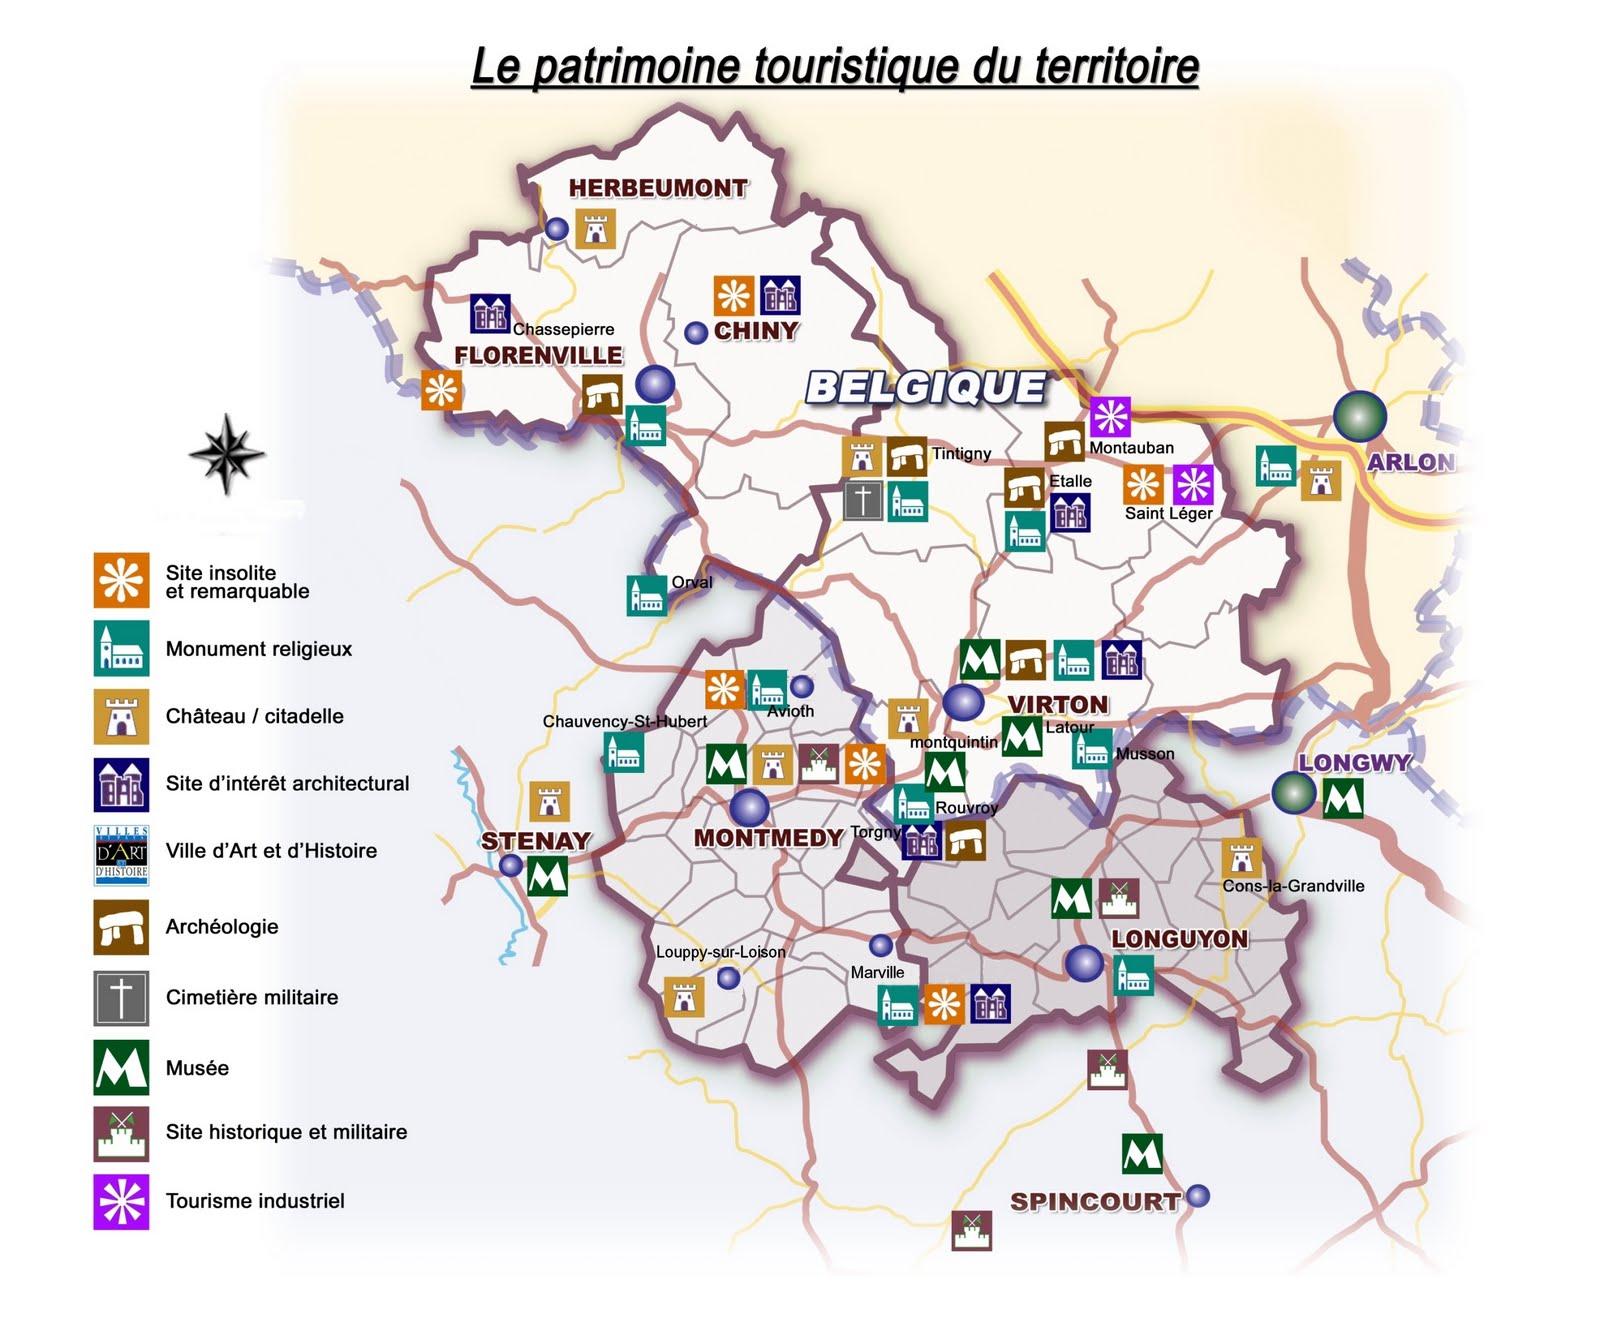 Le blog officiel de la ville de montm dy la lorraine gaumaise - Saint genix sur guiers office du tourisme ...